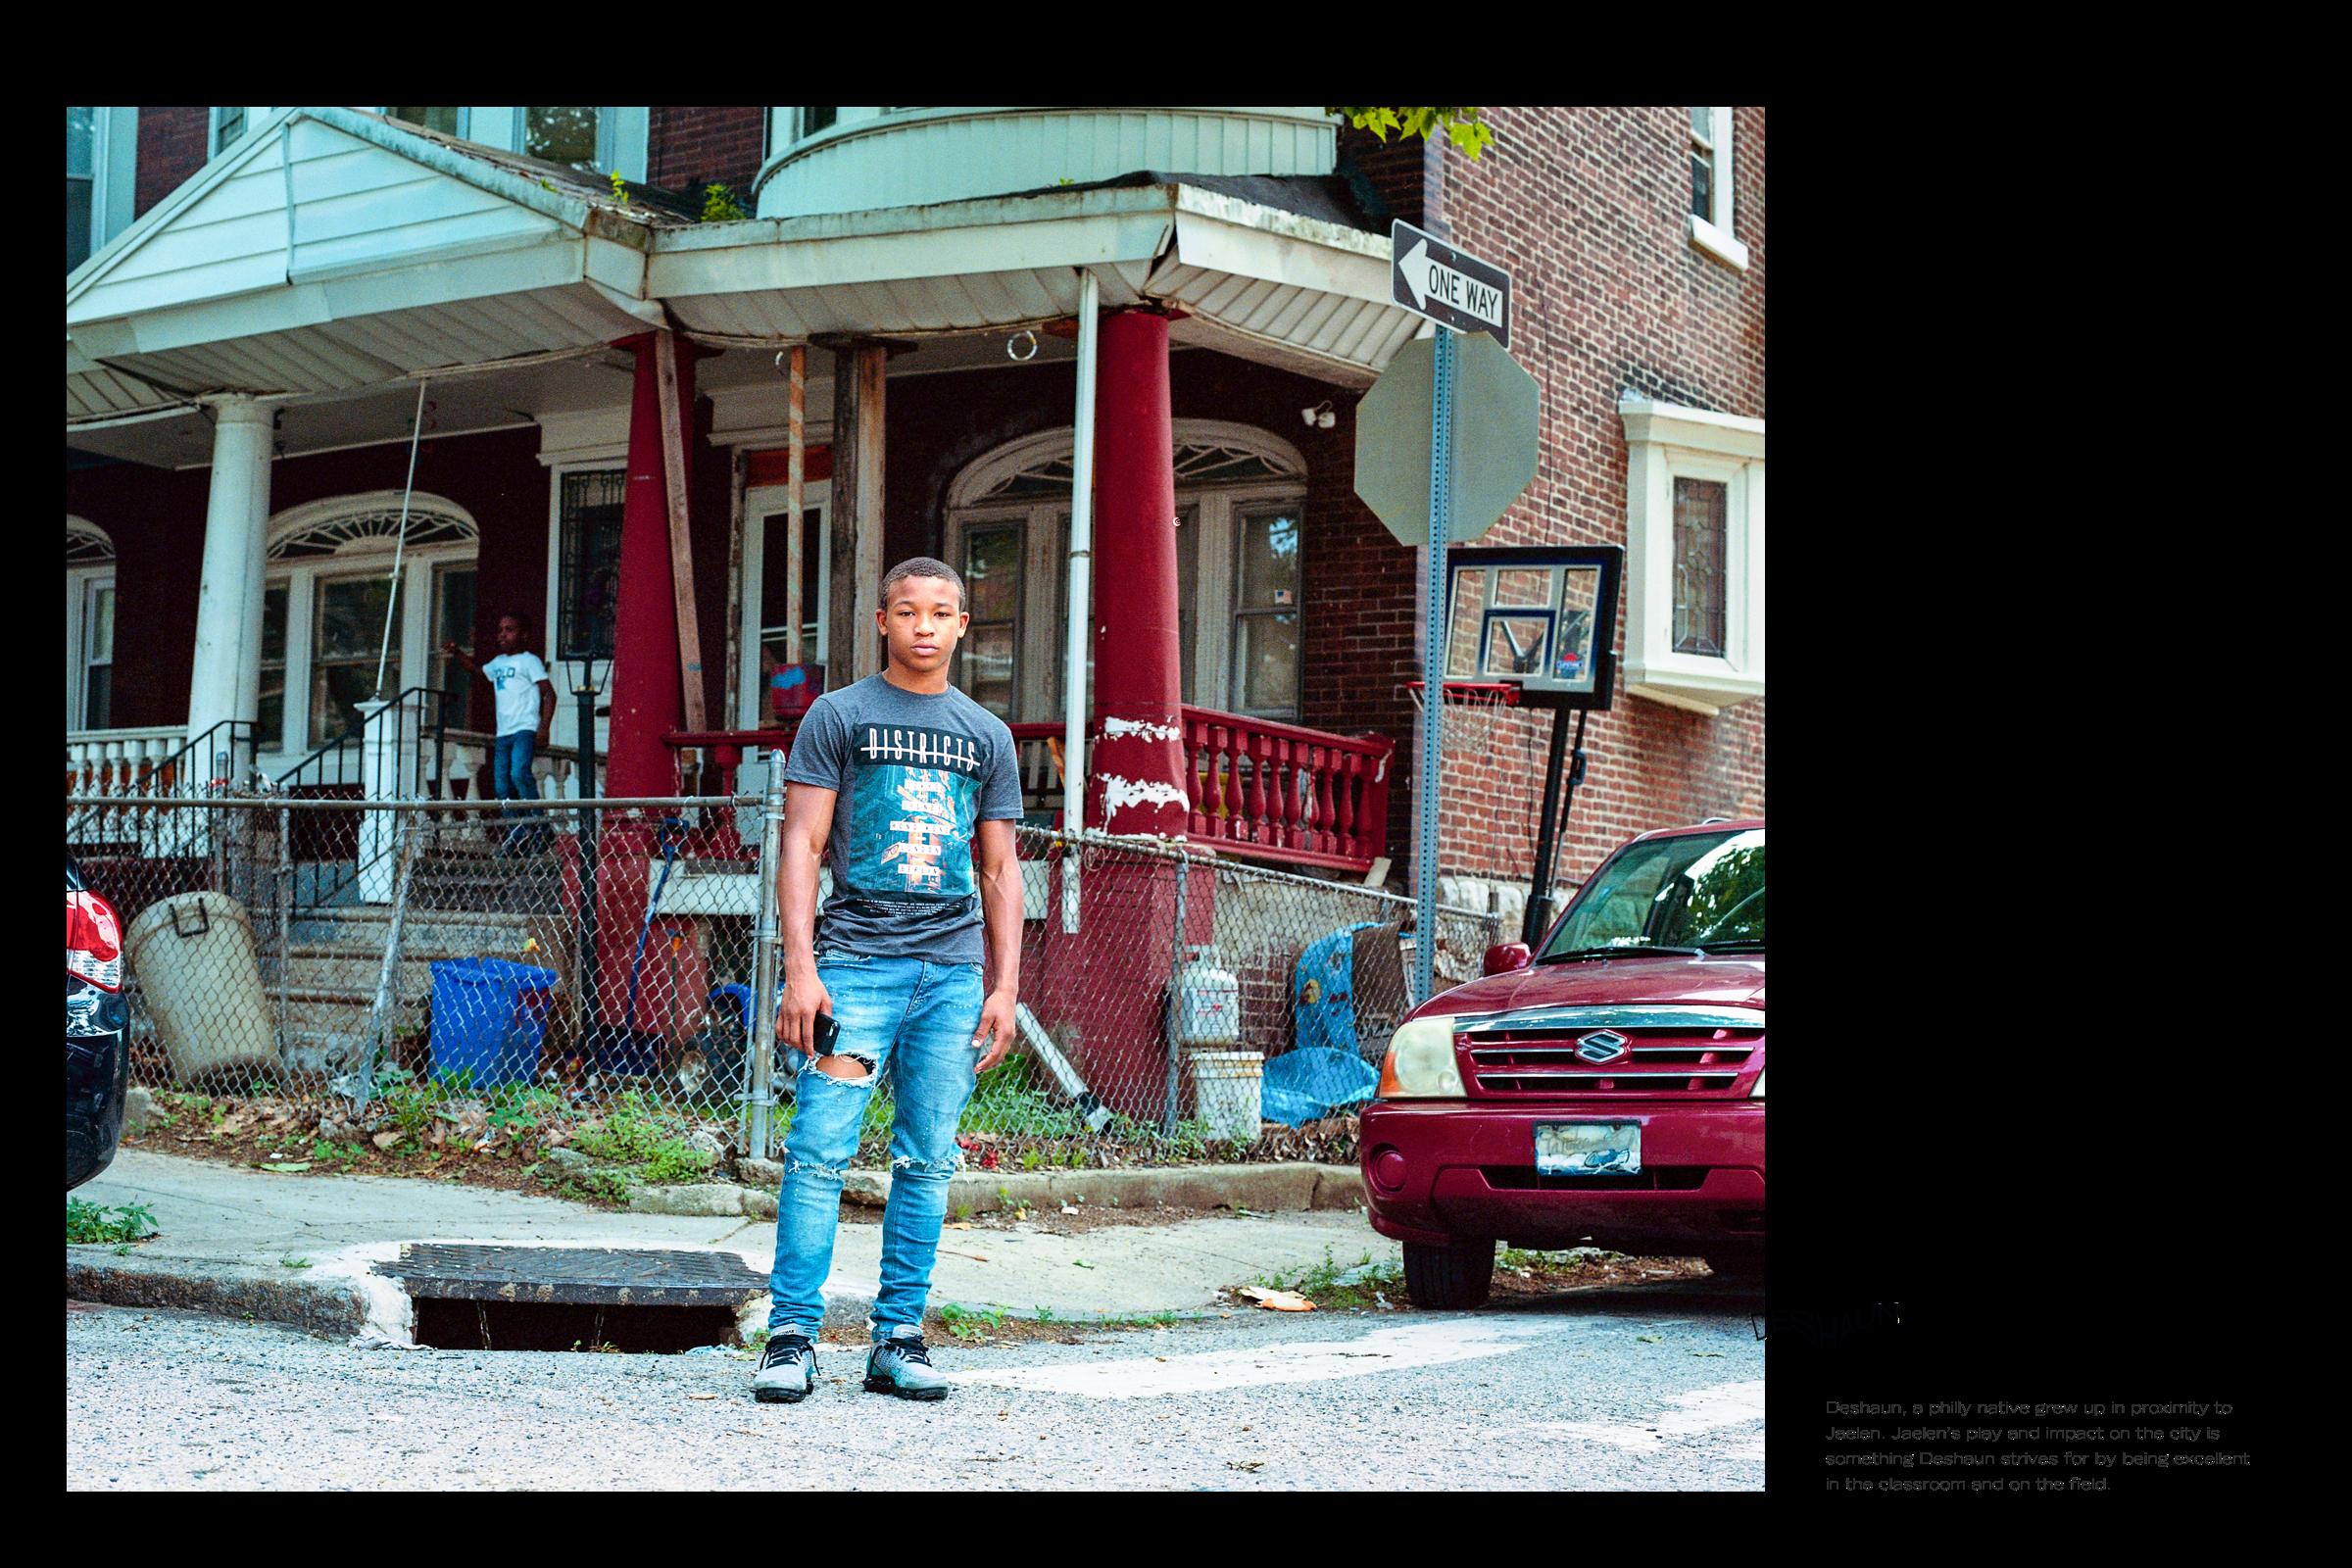 Deshaun, 15, Philadelphia, PA